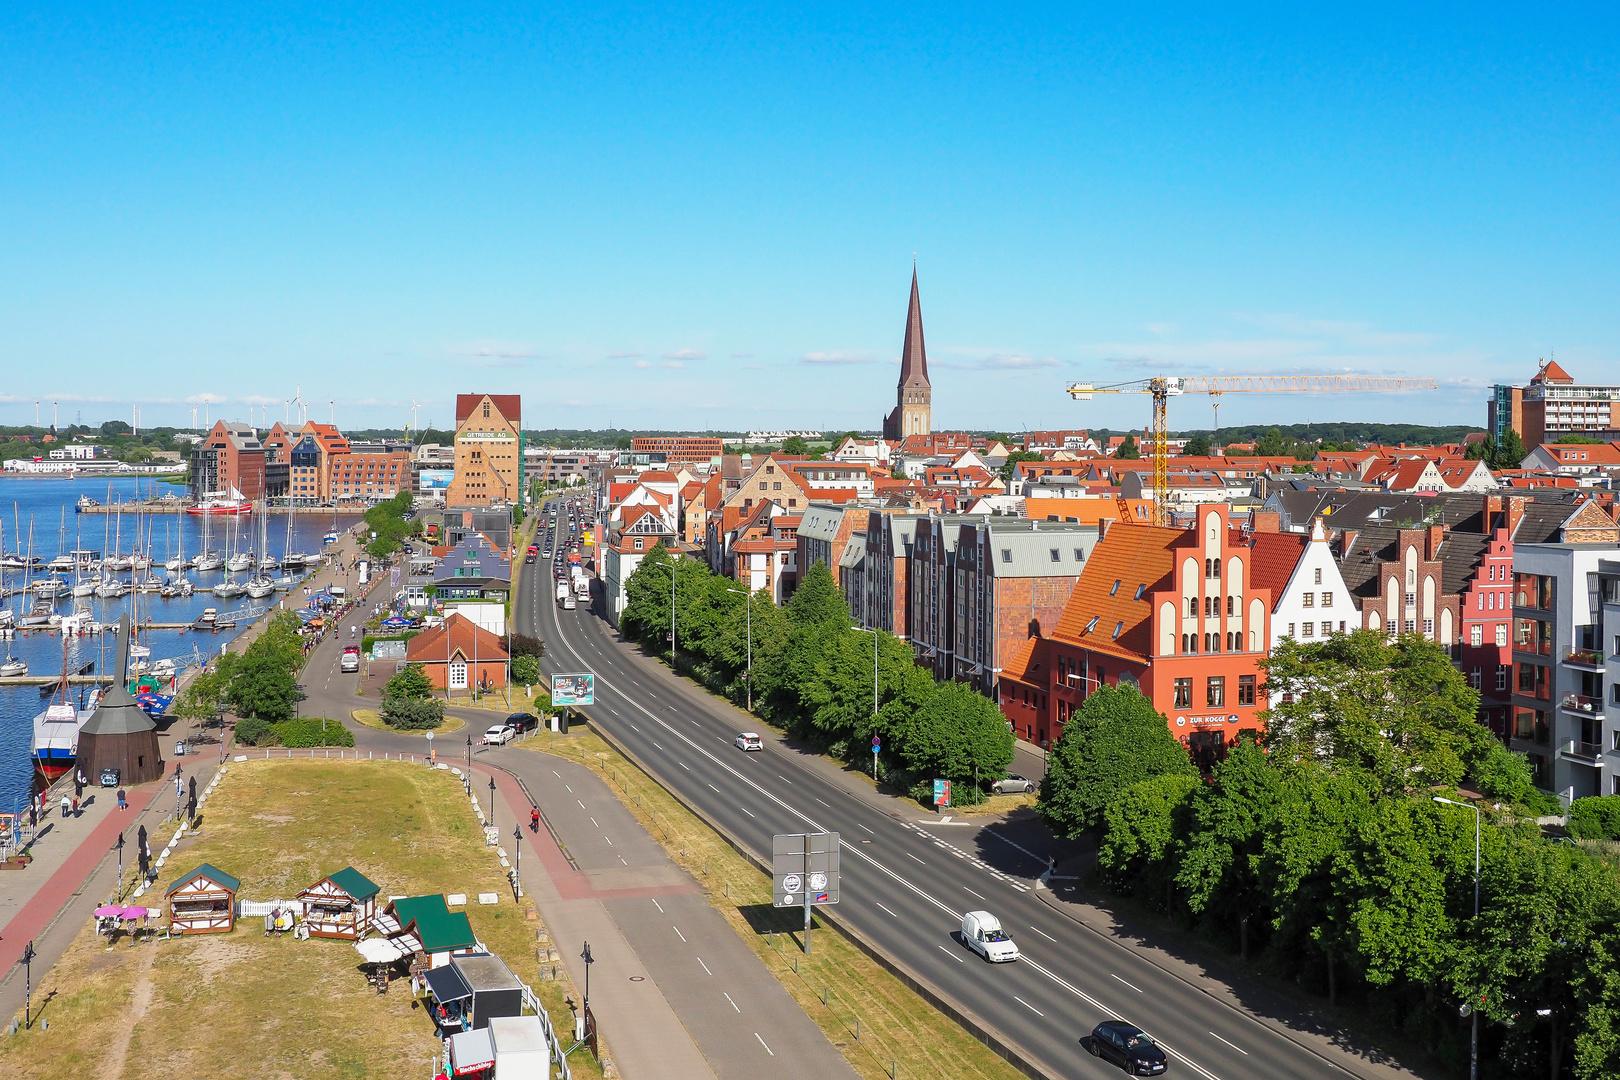 Blick auf die Rostocker Altstadt